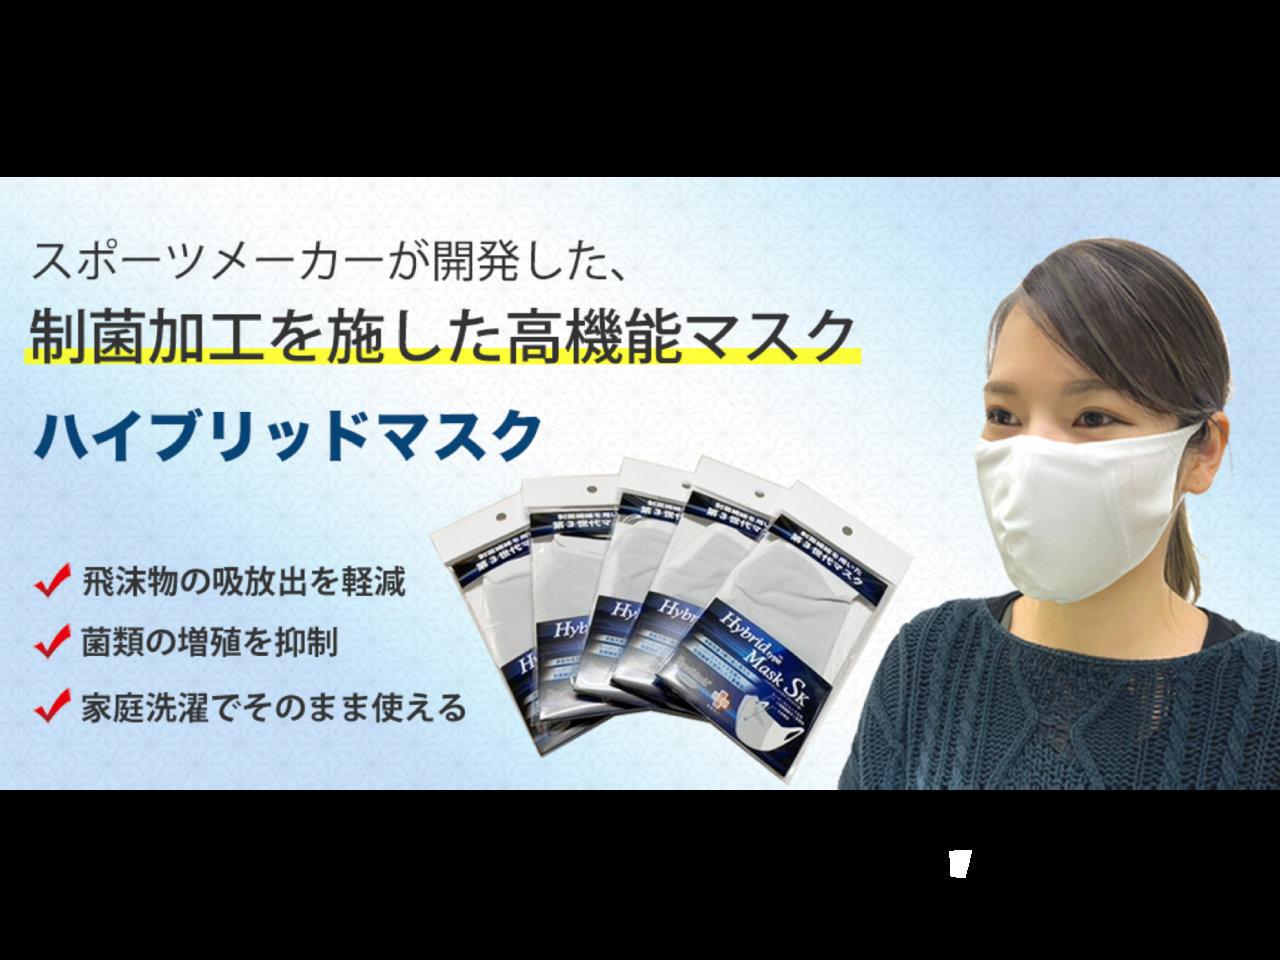 スポーツウェアメーカーと新潟大が共同開発。日本製ハイブリッドマスク販売開始です。